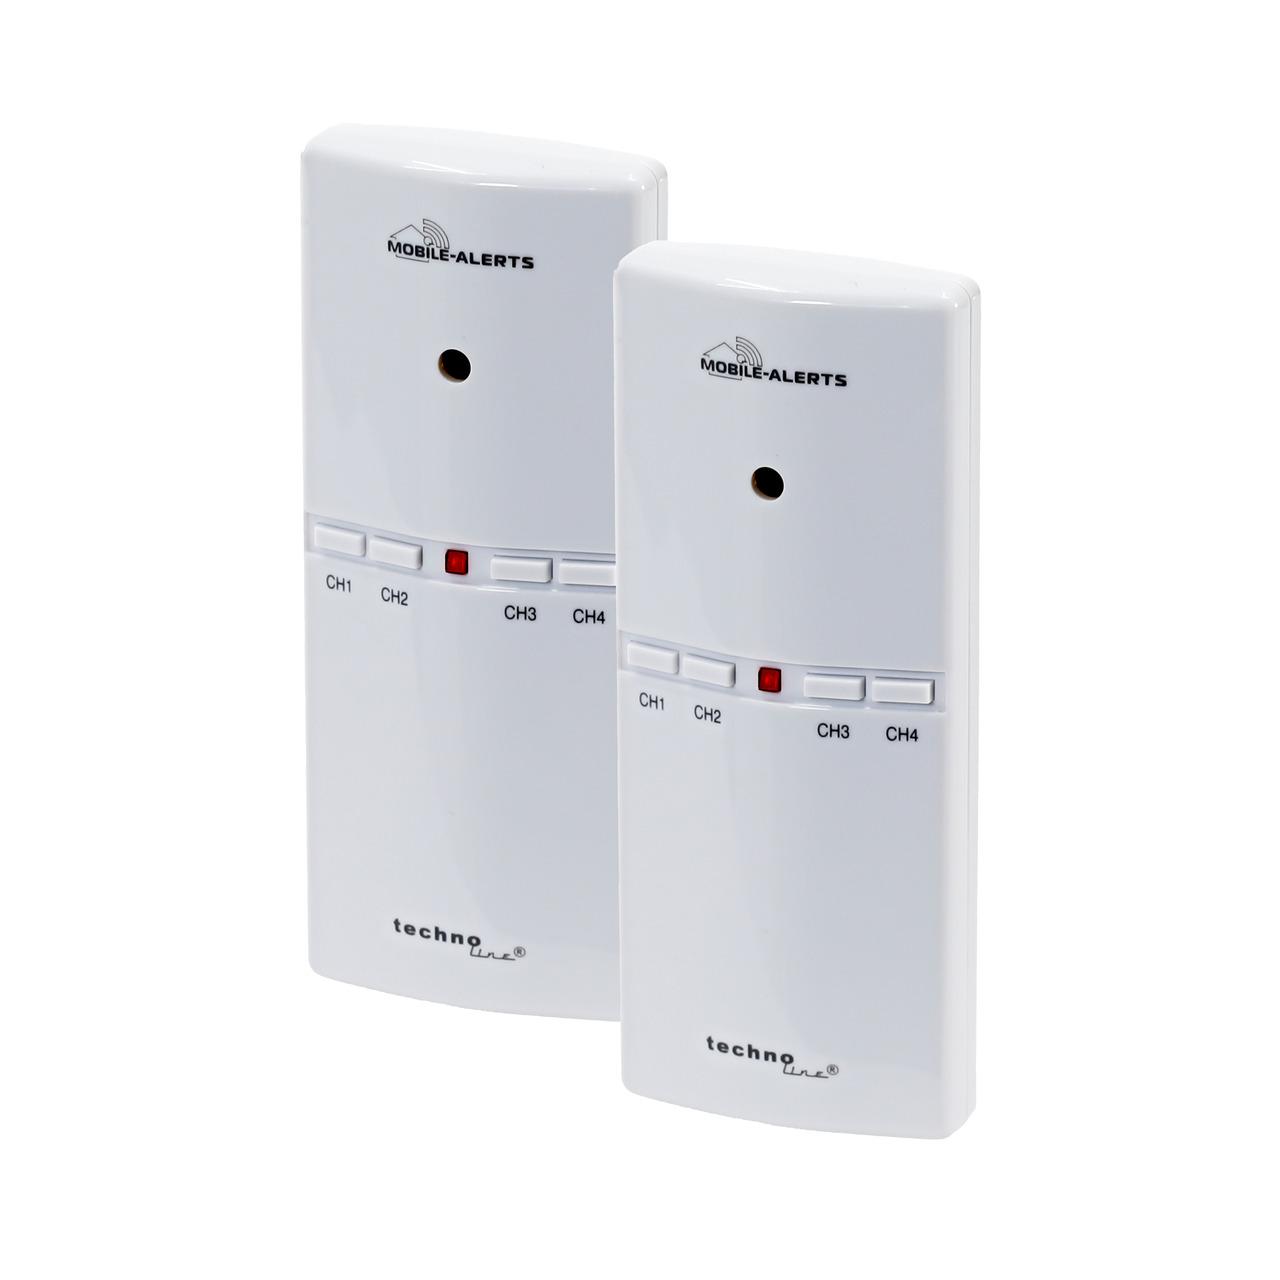 ELV Mobile Alerts Alarmgeber MA10860 fund-252 r Gefahrenmelder- inkl- Temperatursensor- 2er Set